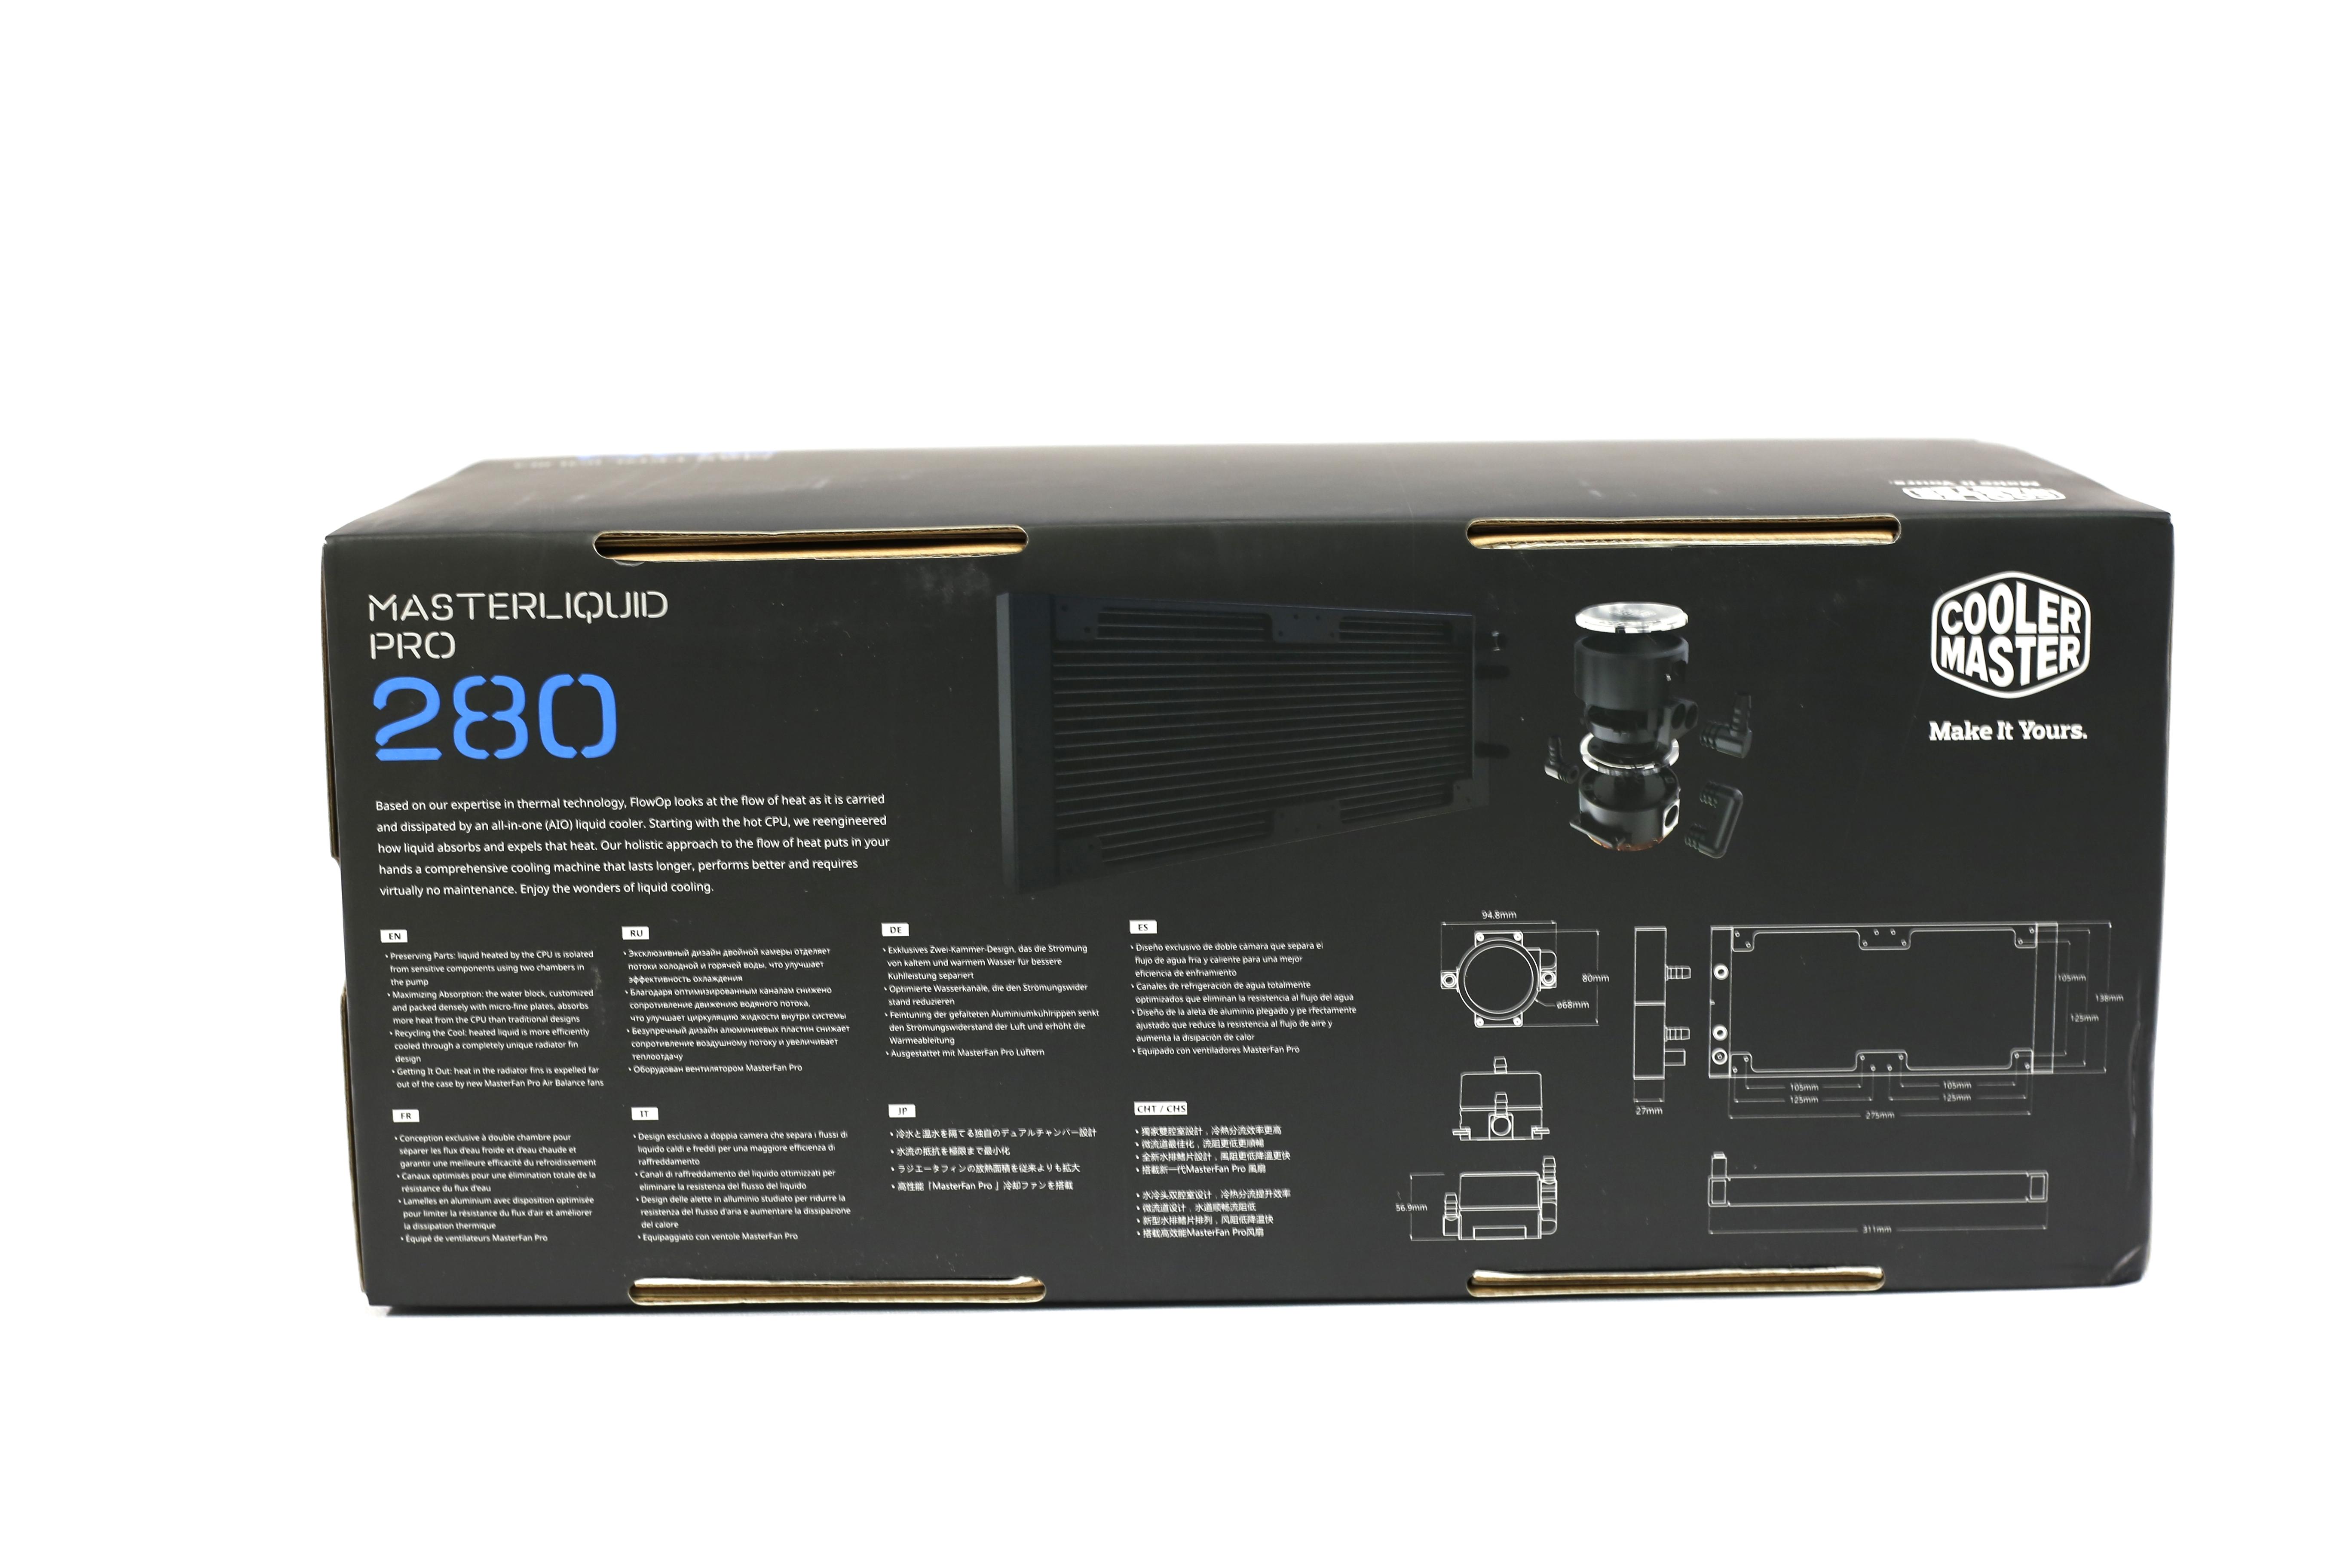 MasterLiquid Pro 280